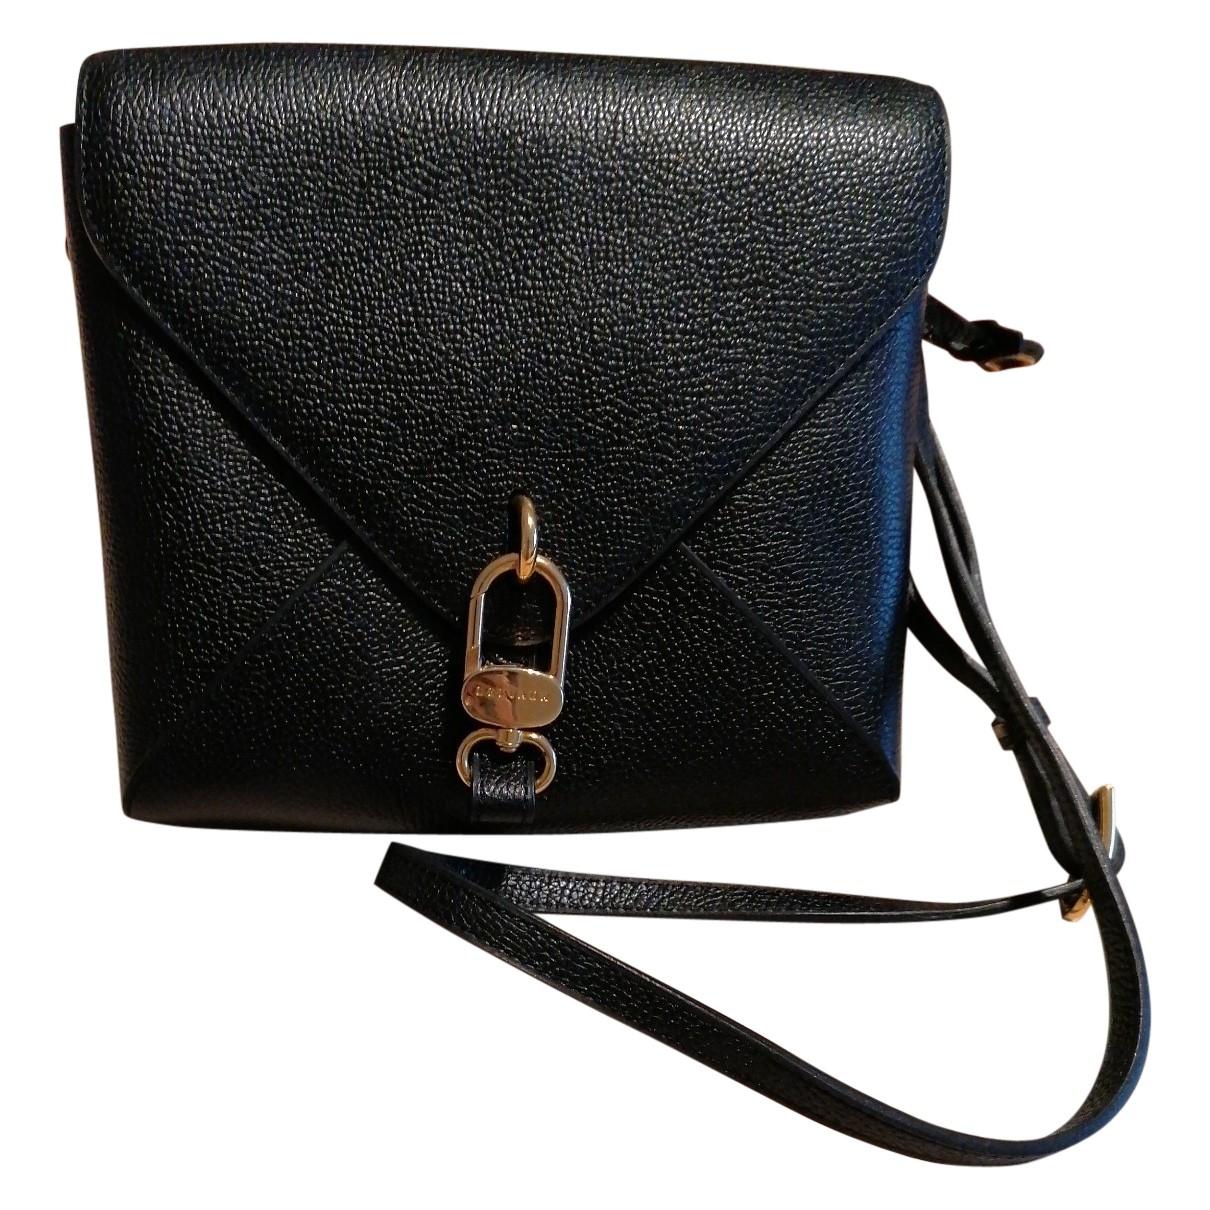 Delvaux - Sac a main Madame mini pour femme en cuir - noir